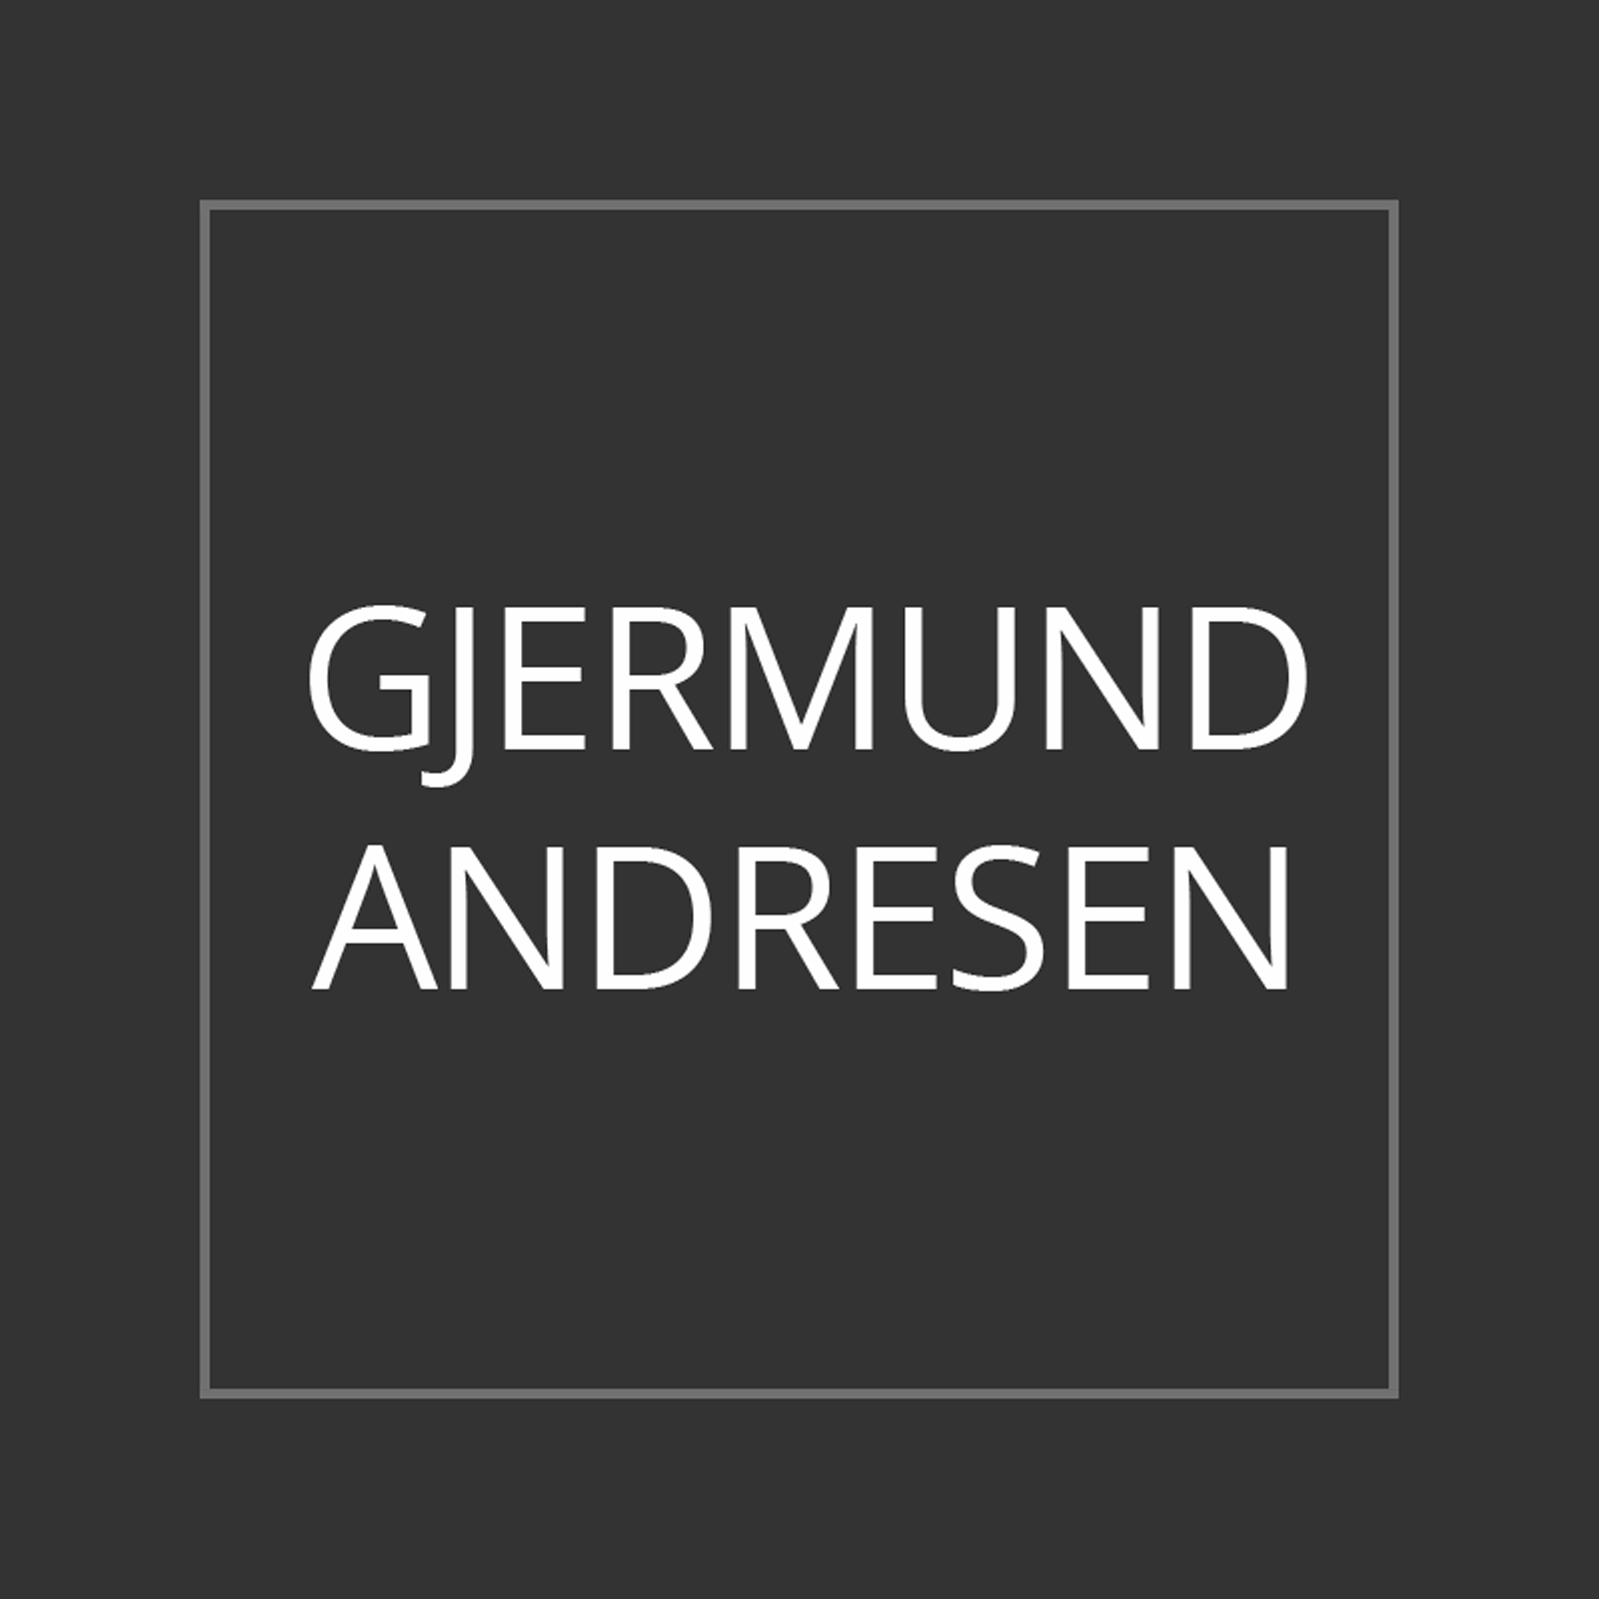 Gjermund Andresen